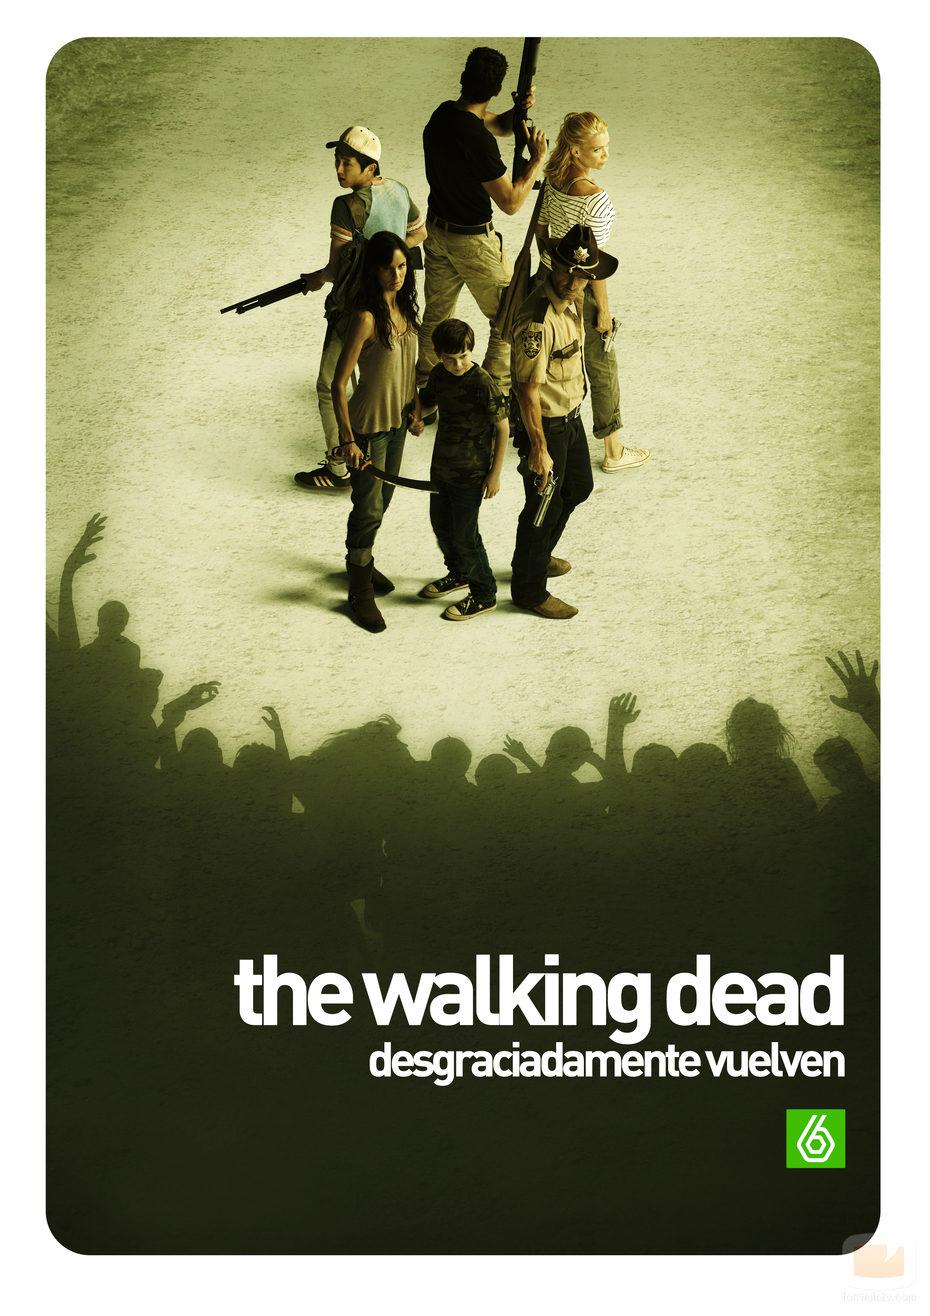 Fan made Vídeos / Memes / Imágenes divertidas (posibles spoilers ritmo sexta) - Página 4 28796_the-walking-dead-vuelve-la-sexta